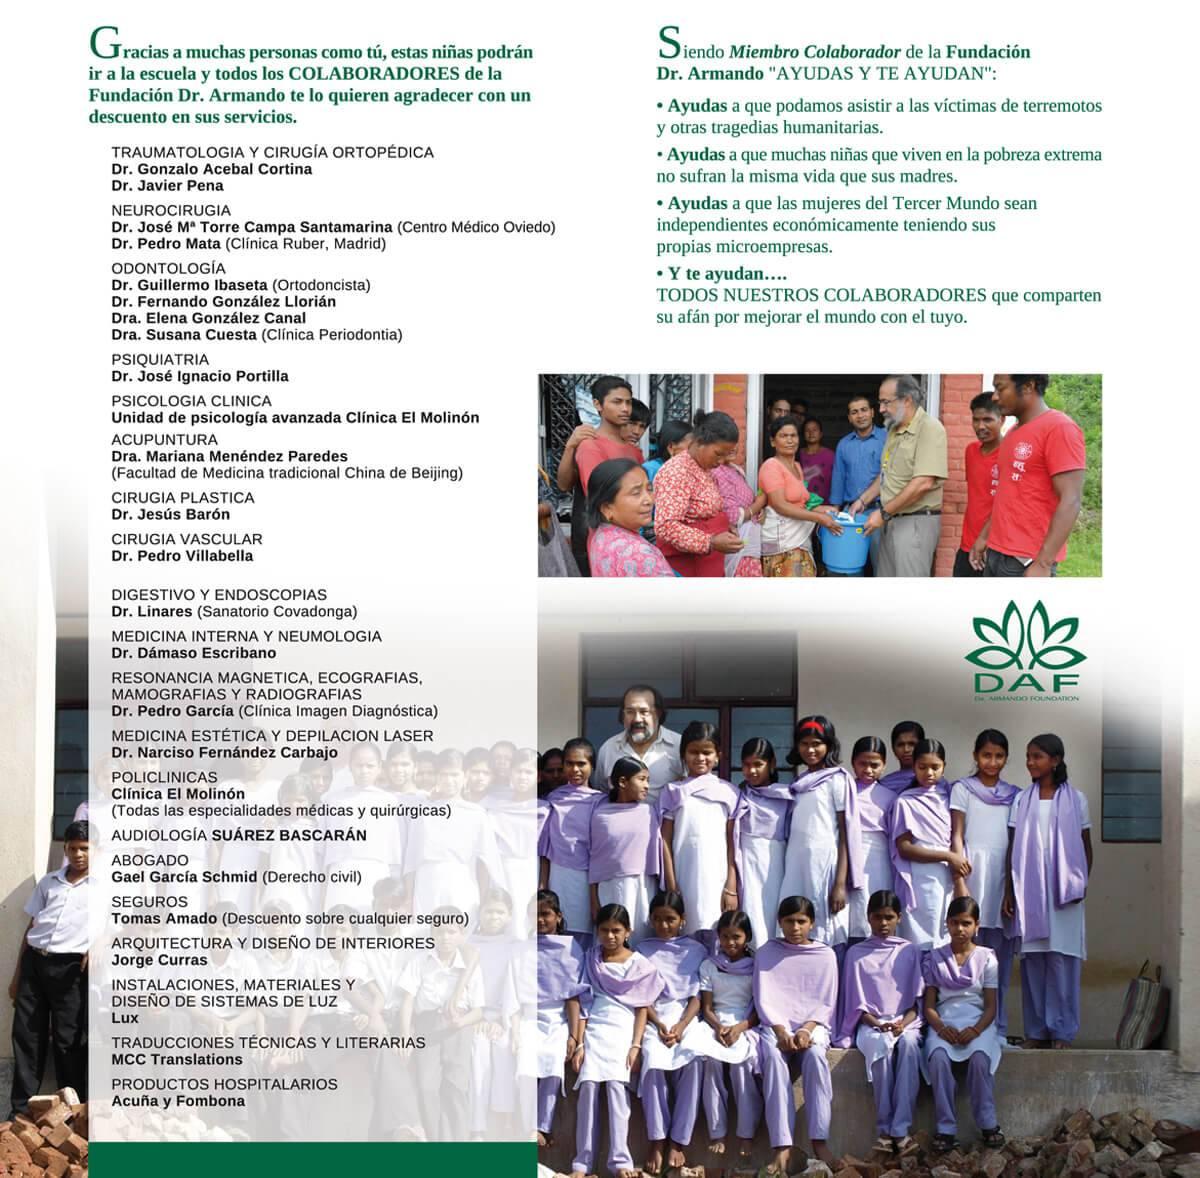 Information card partner DAF2